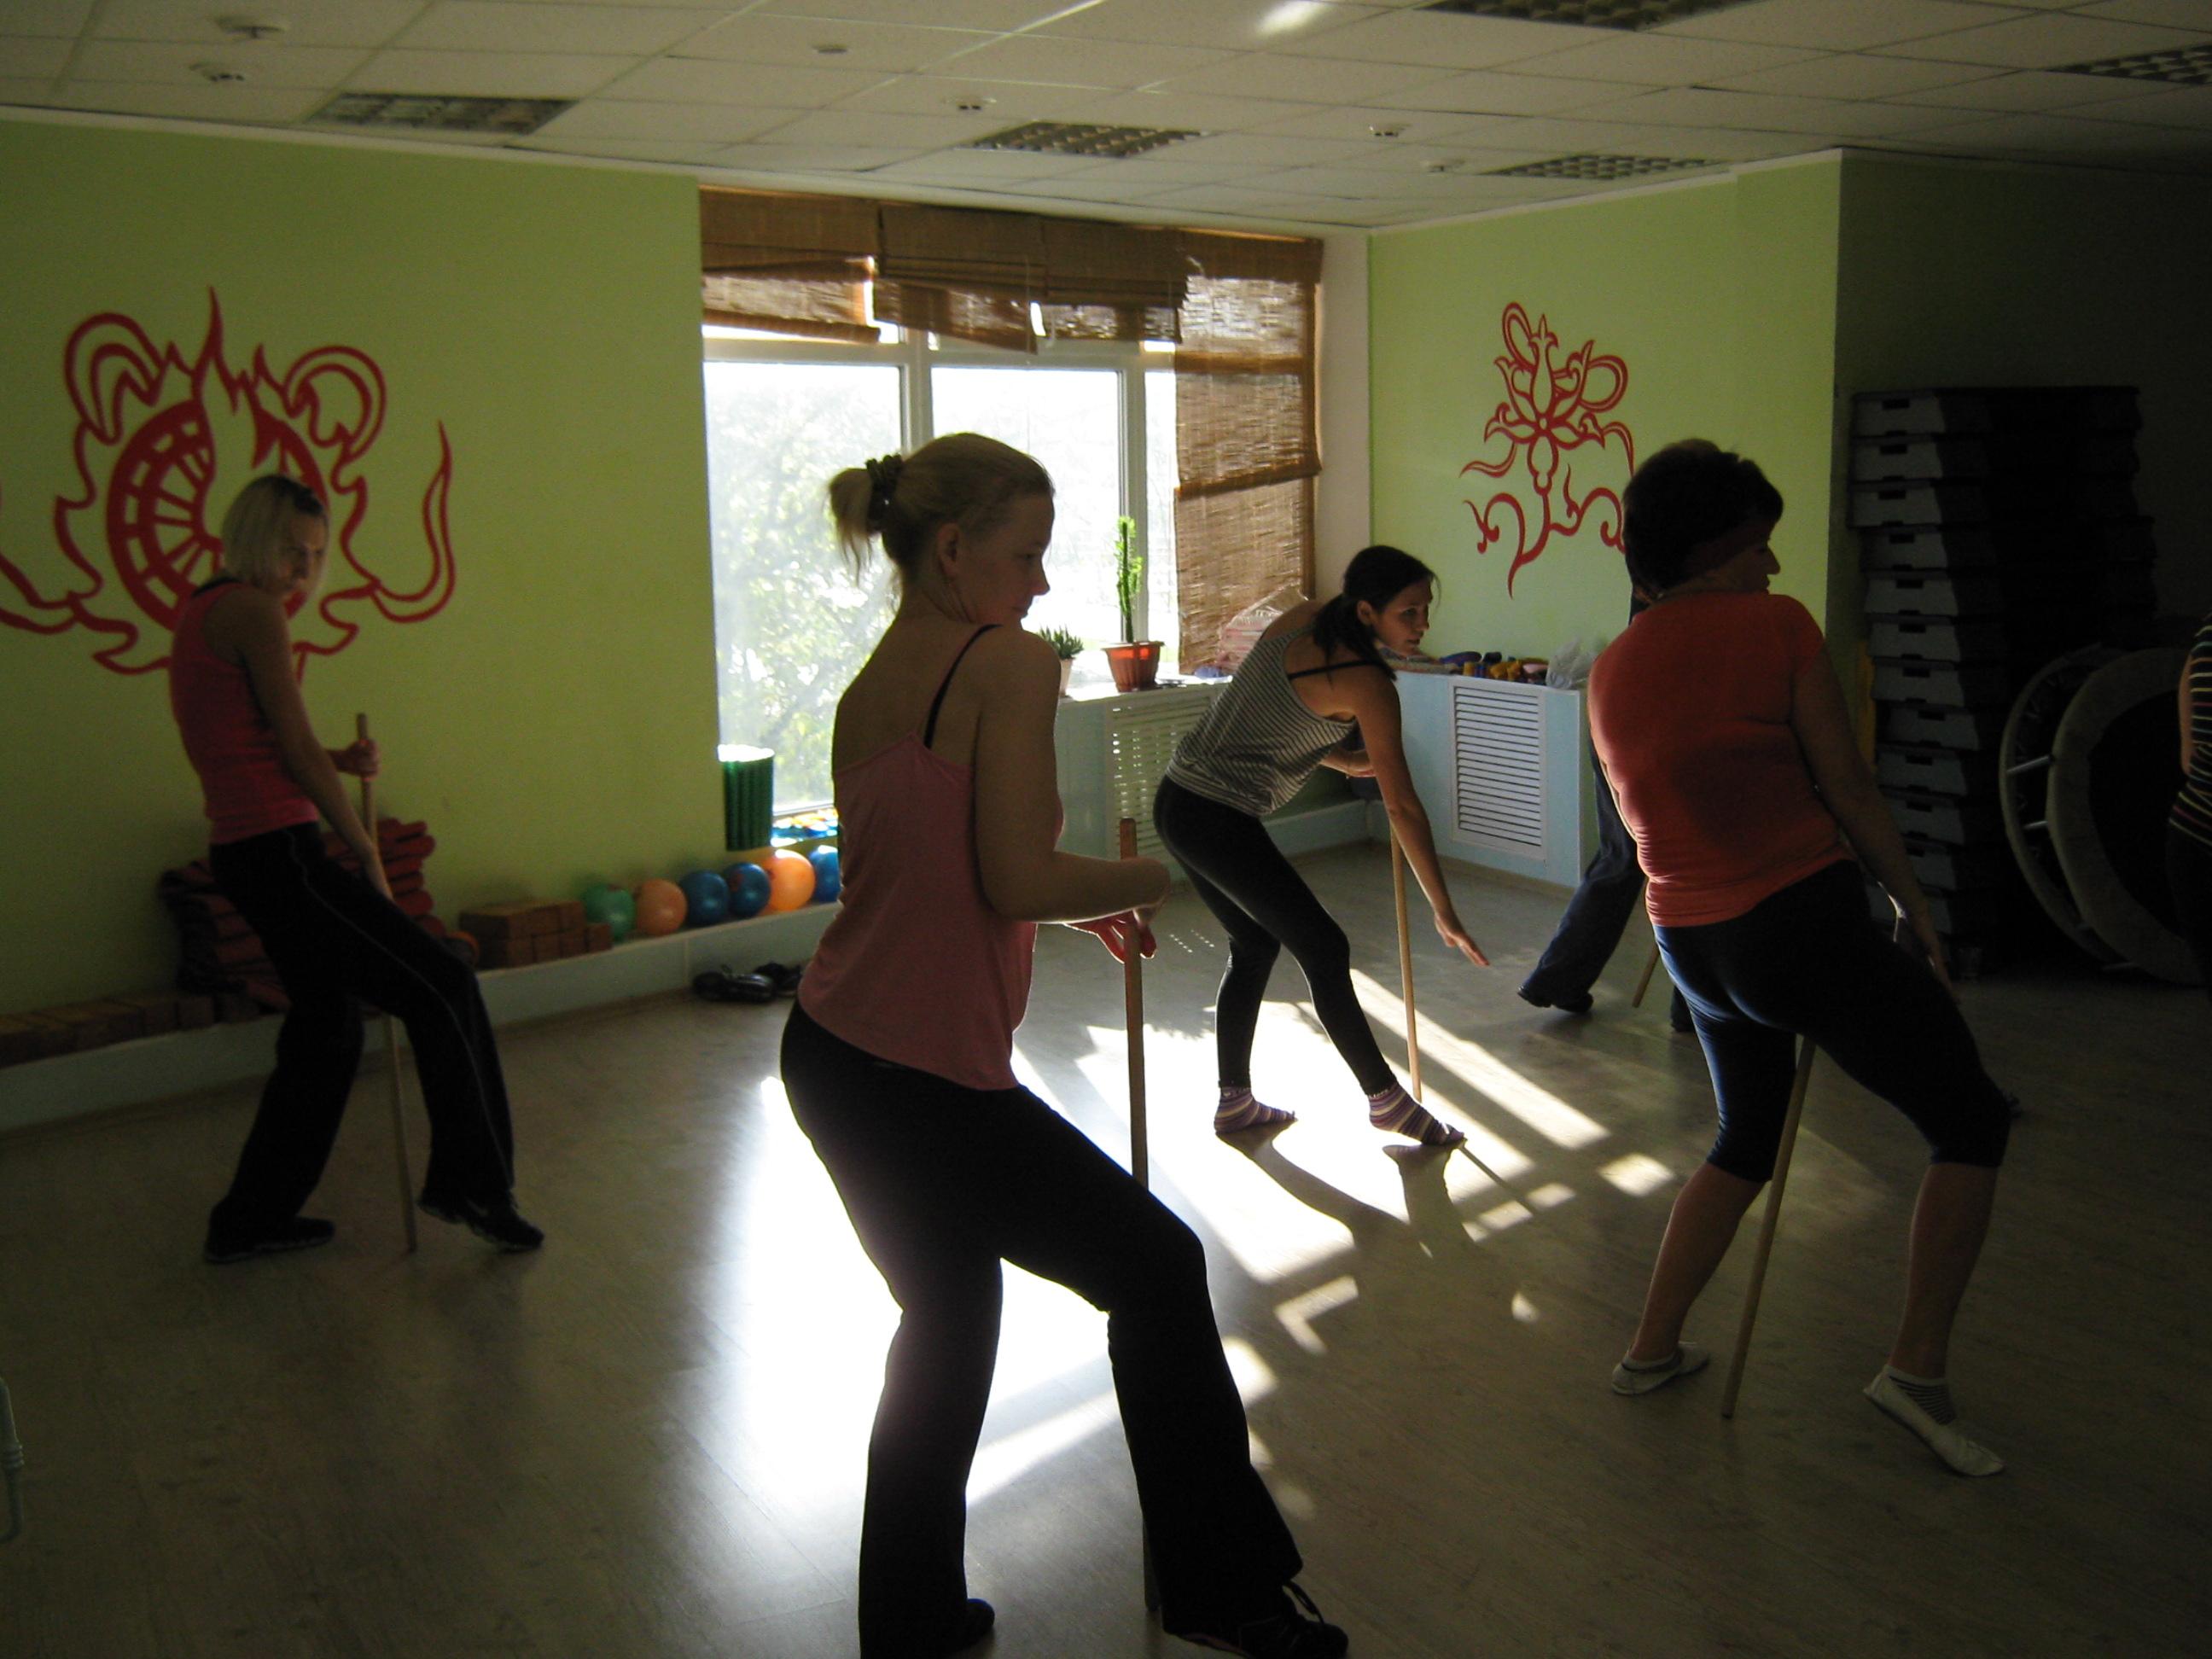 Вы просматриваете изображения у материала: Памир -  фитнес-клуб